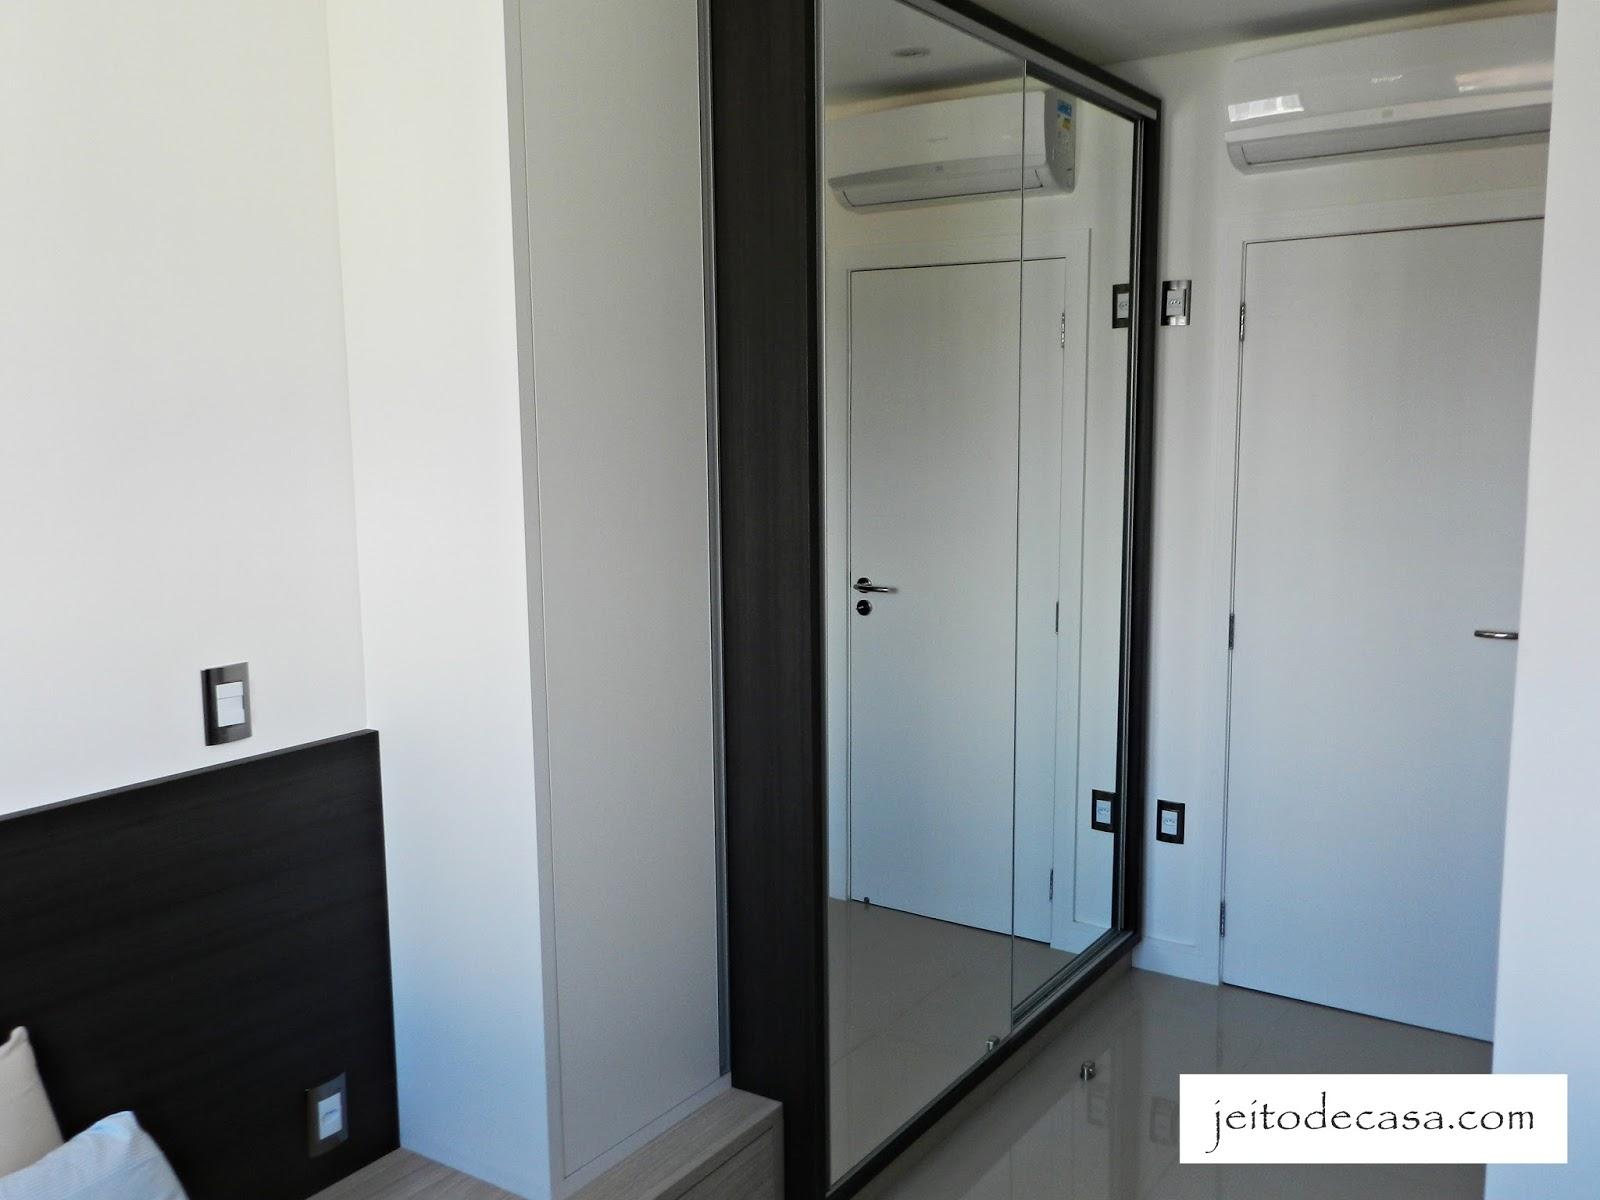 Quarto de 9 metros com cama de casal! Jeito de Casa Blog de  #4C687F 1600x1200 Armario Banheiro Porta De Correr